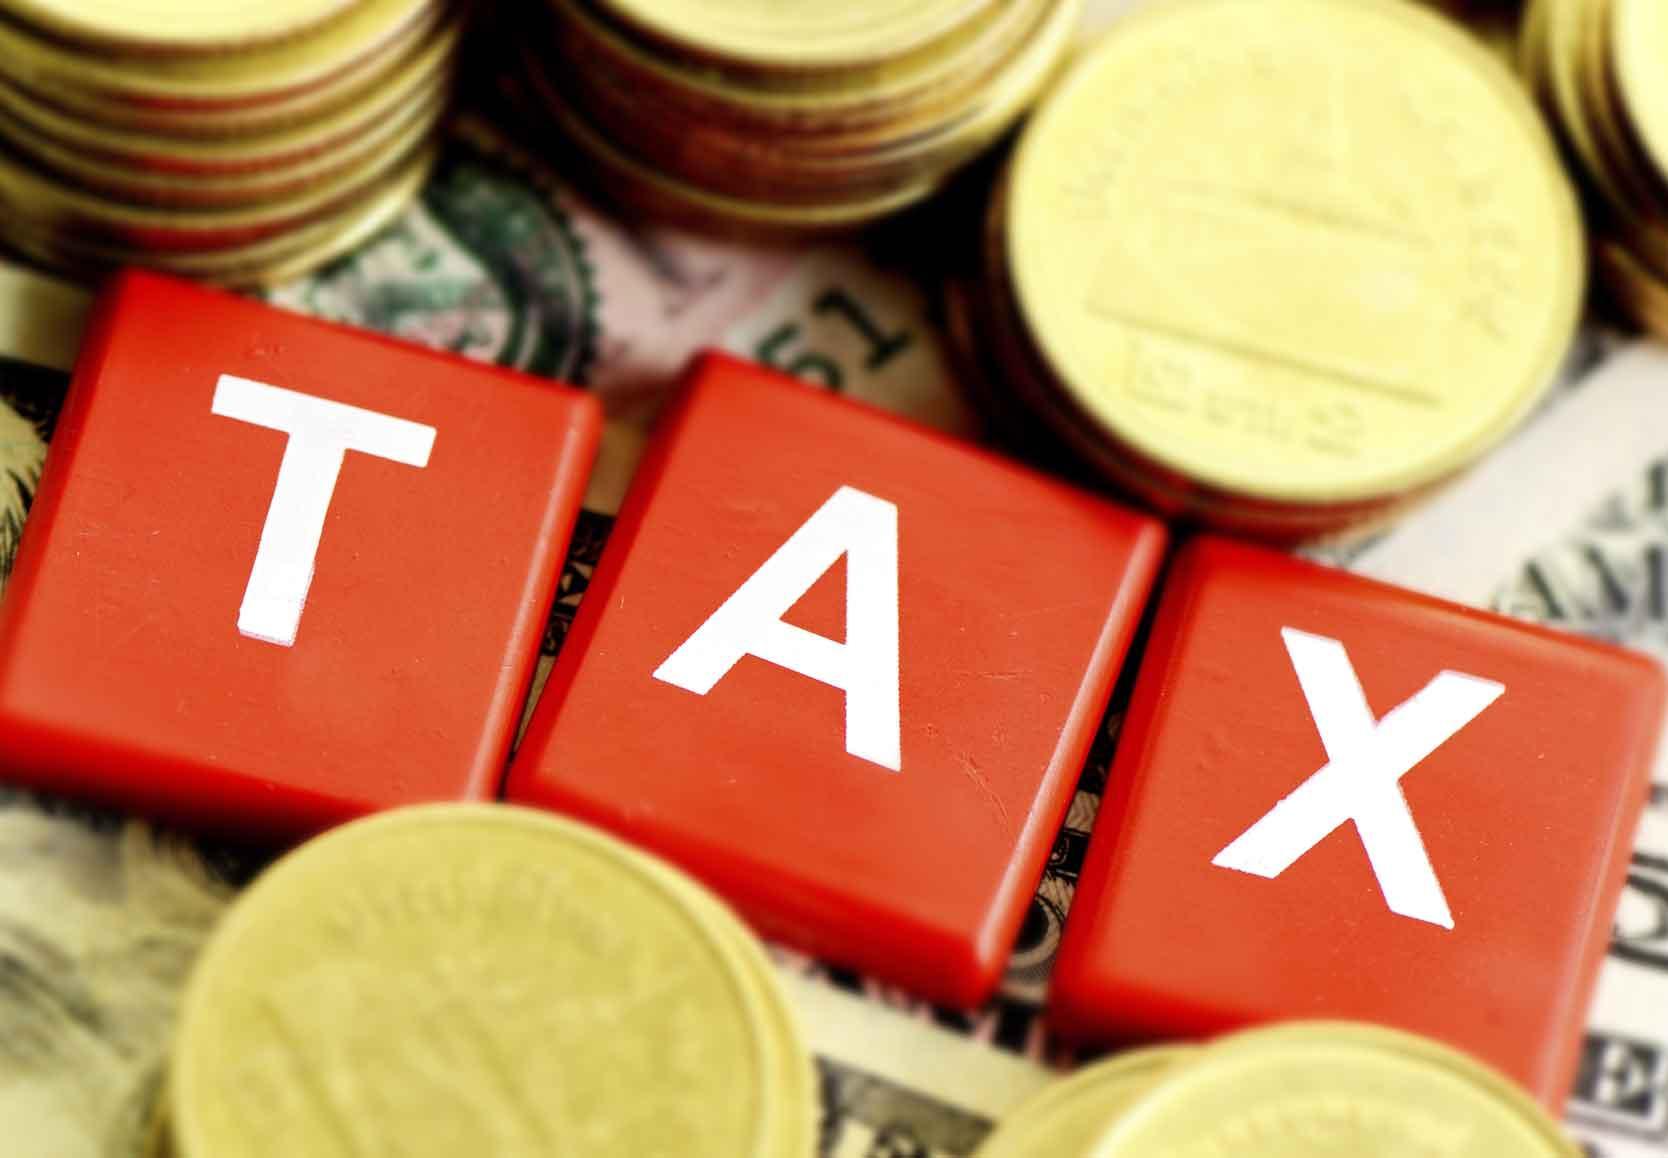 Tờ khai đăng ký thuế dành cho hộ gia đình, cá nhân